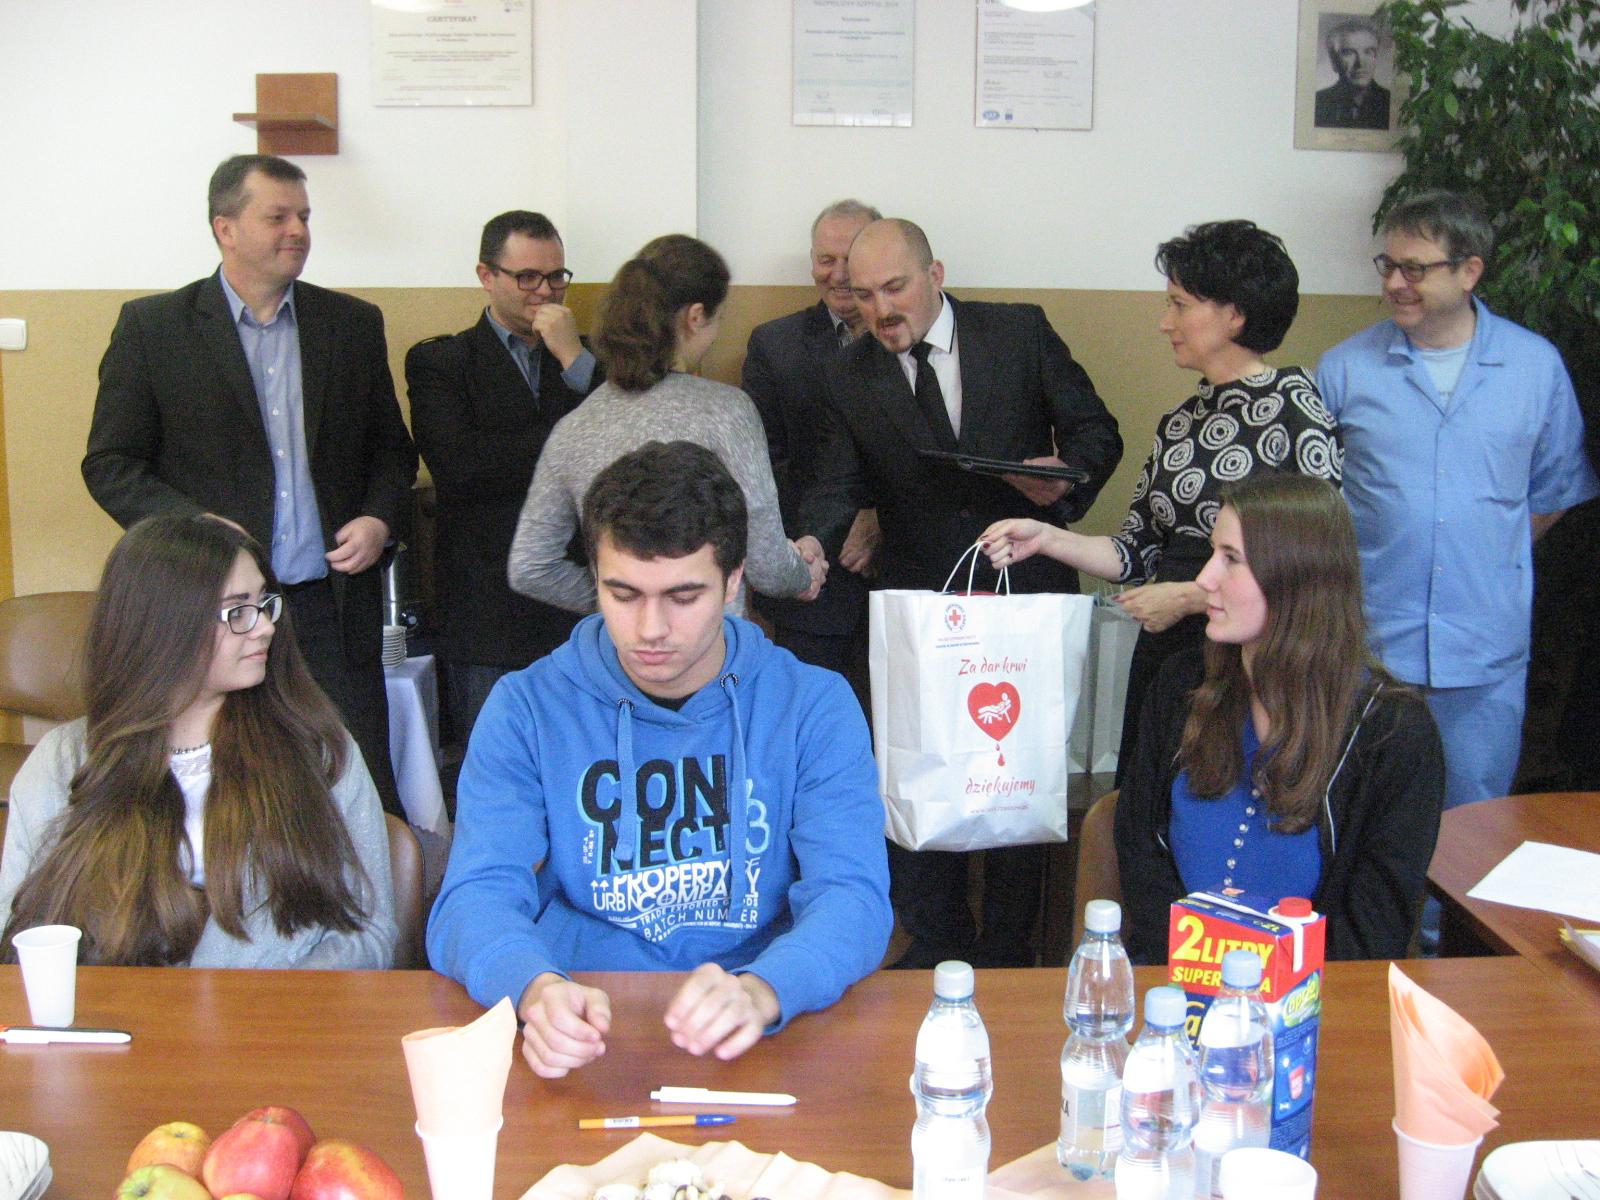 XXIV  Edycja  Ogólnopolskiej Olimpiady  Promocji  Zdrowego  Stylu  Życia